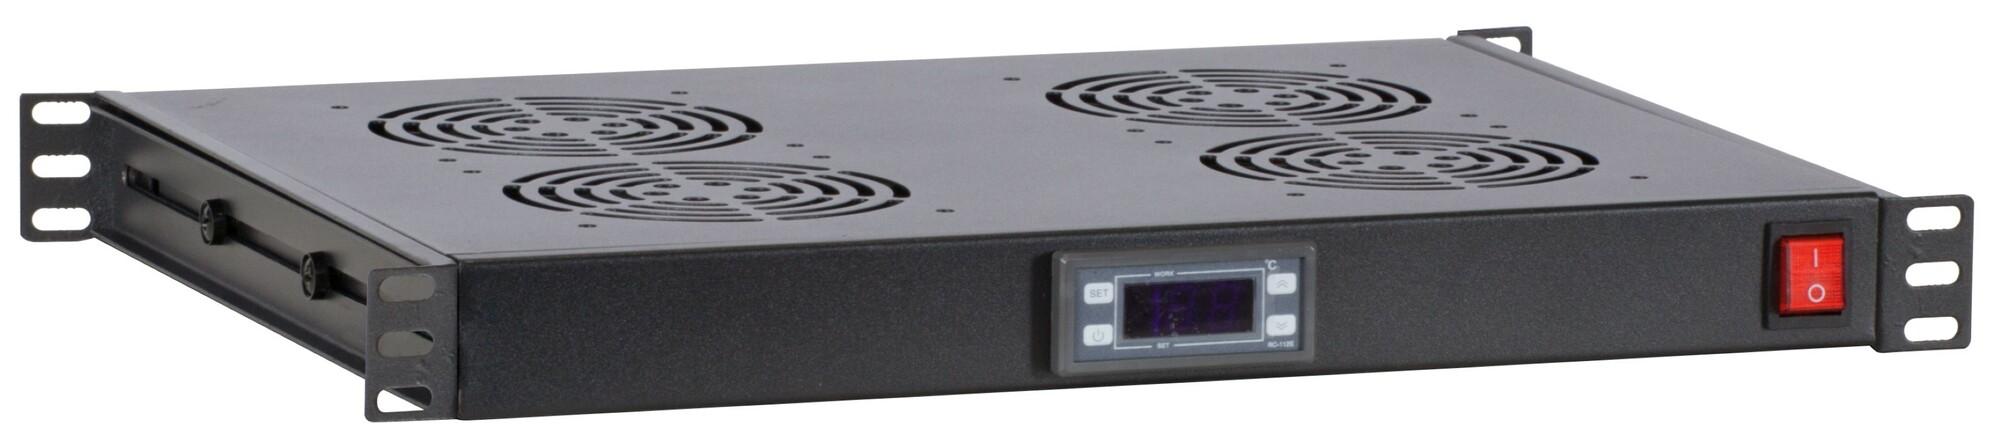 Afbeelding van 1U 19 inch ventilator set met 4st fan voor patchkasten, thermostaat, 230V.